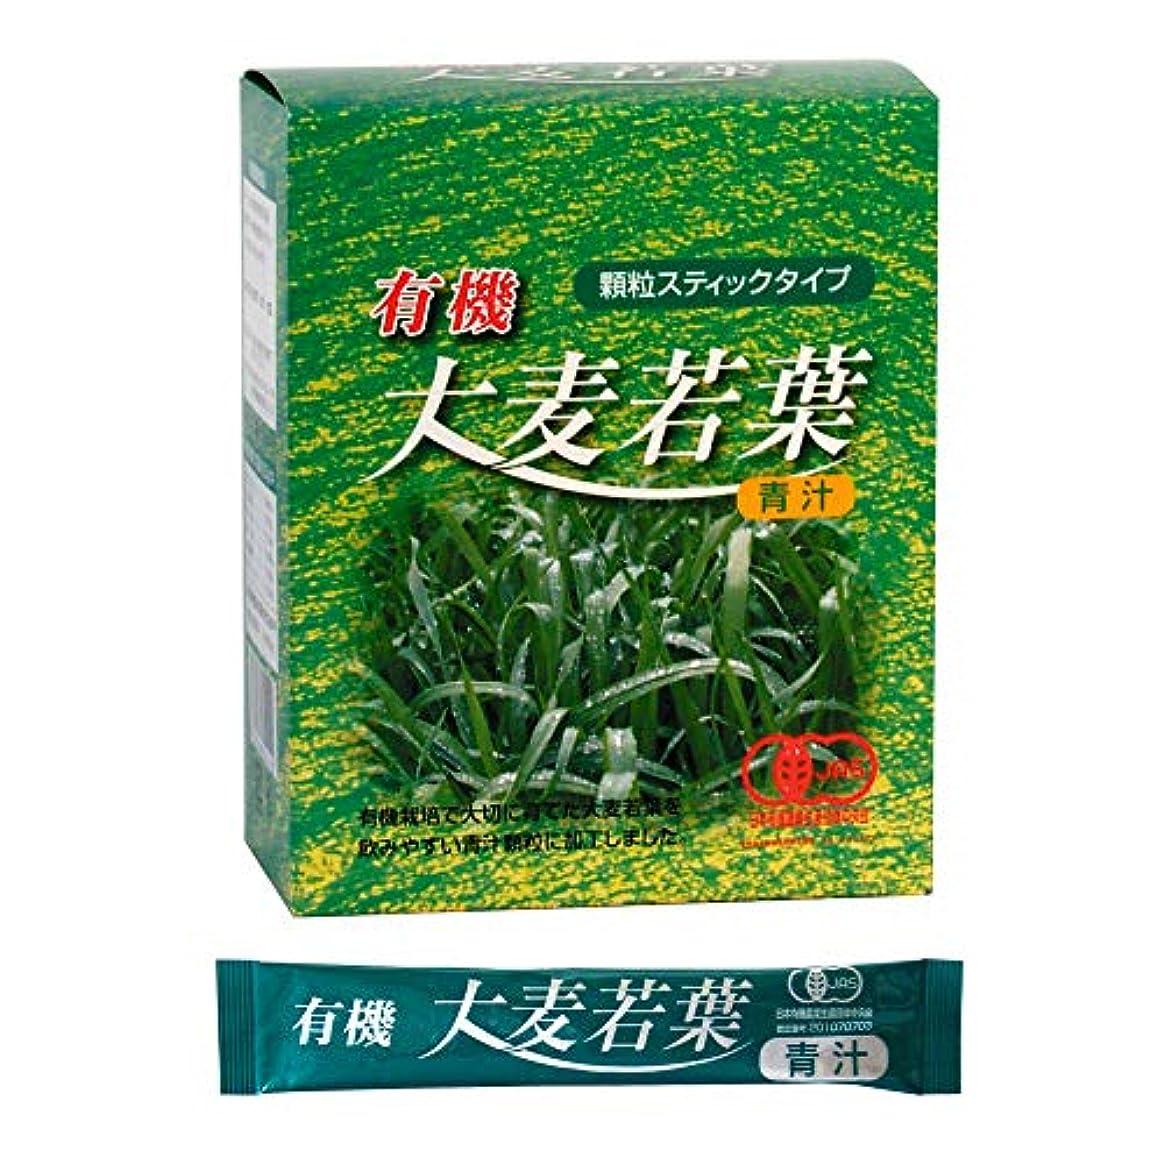 合体反動根拠有機 大麦若葉青汁 顆粒スティックタイプ 3g×30袋 1箱